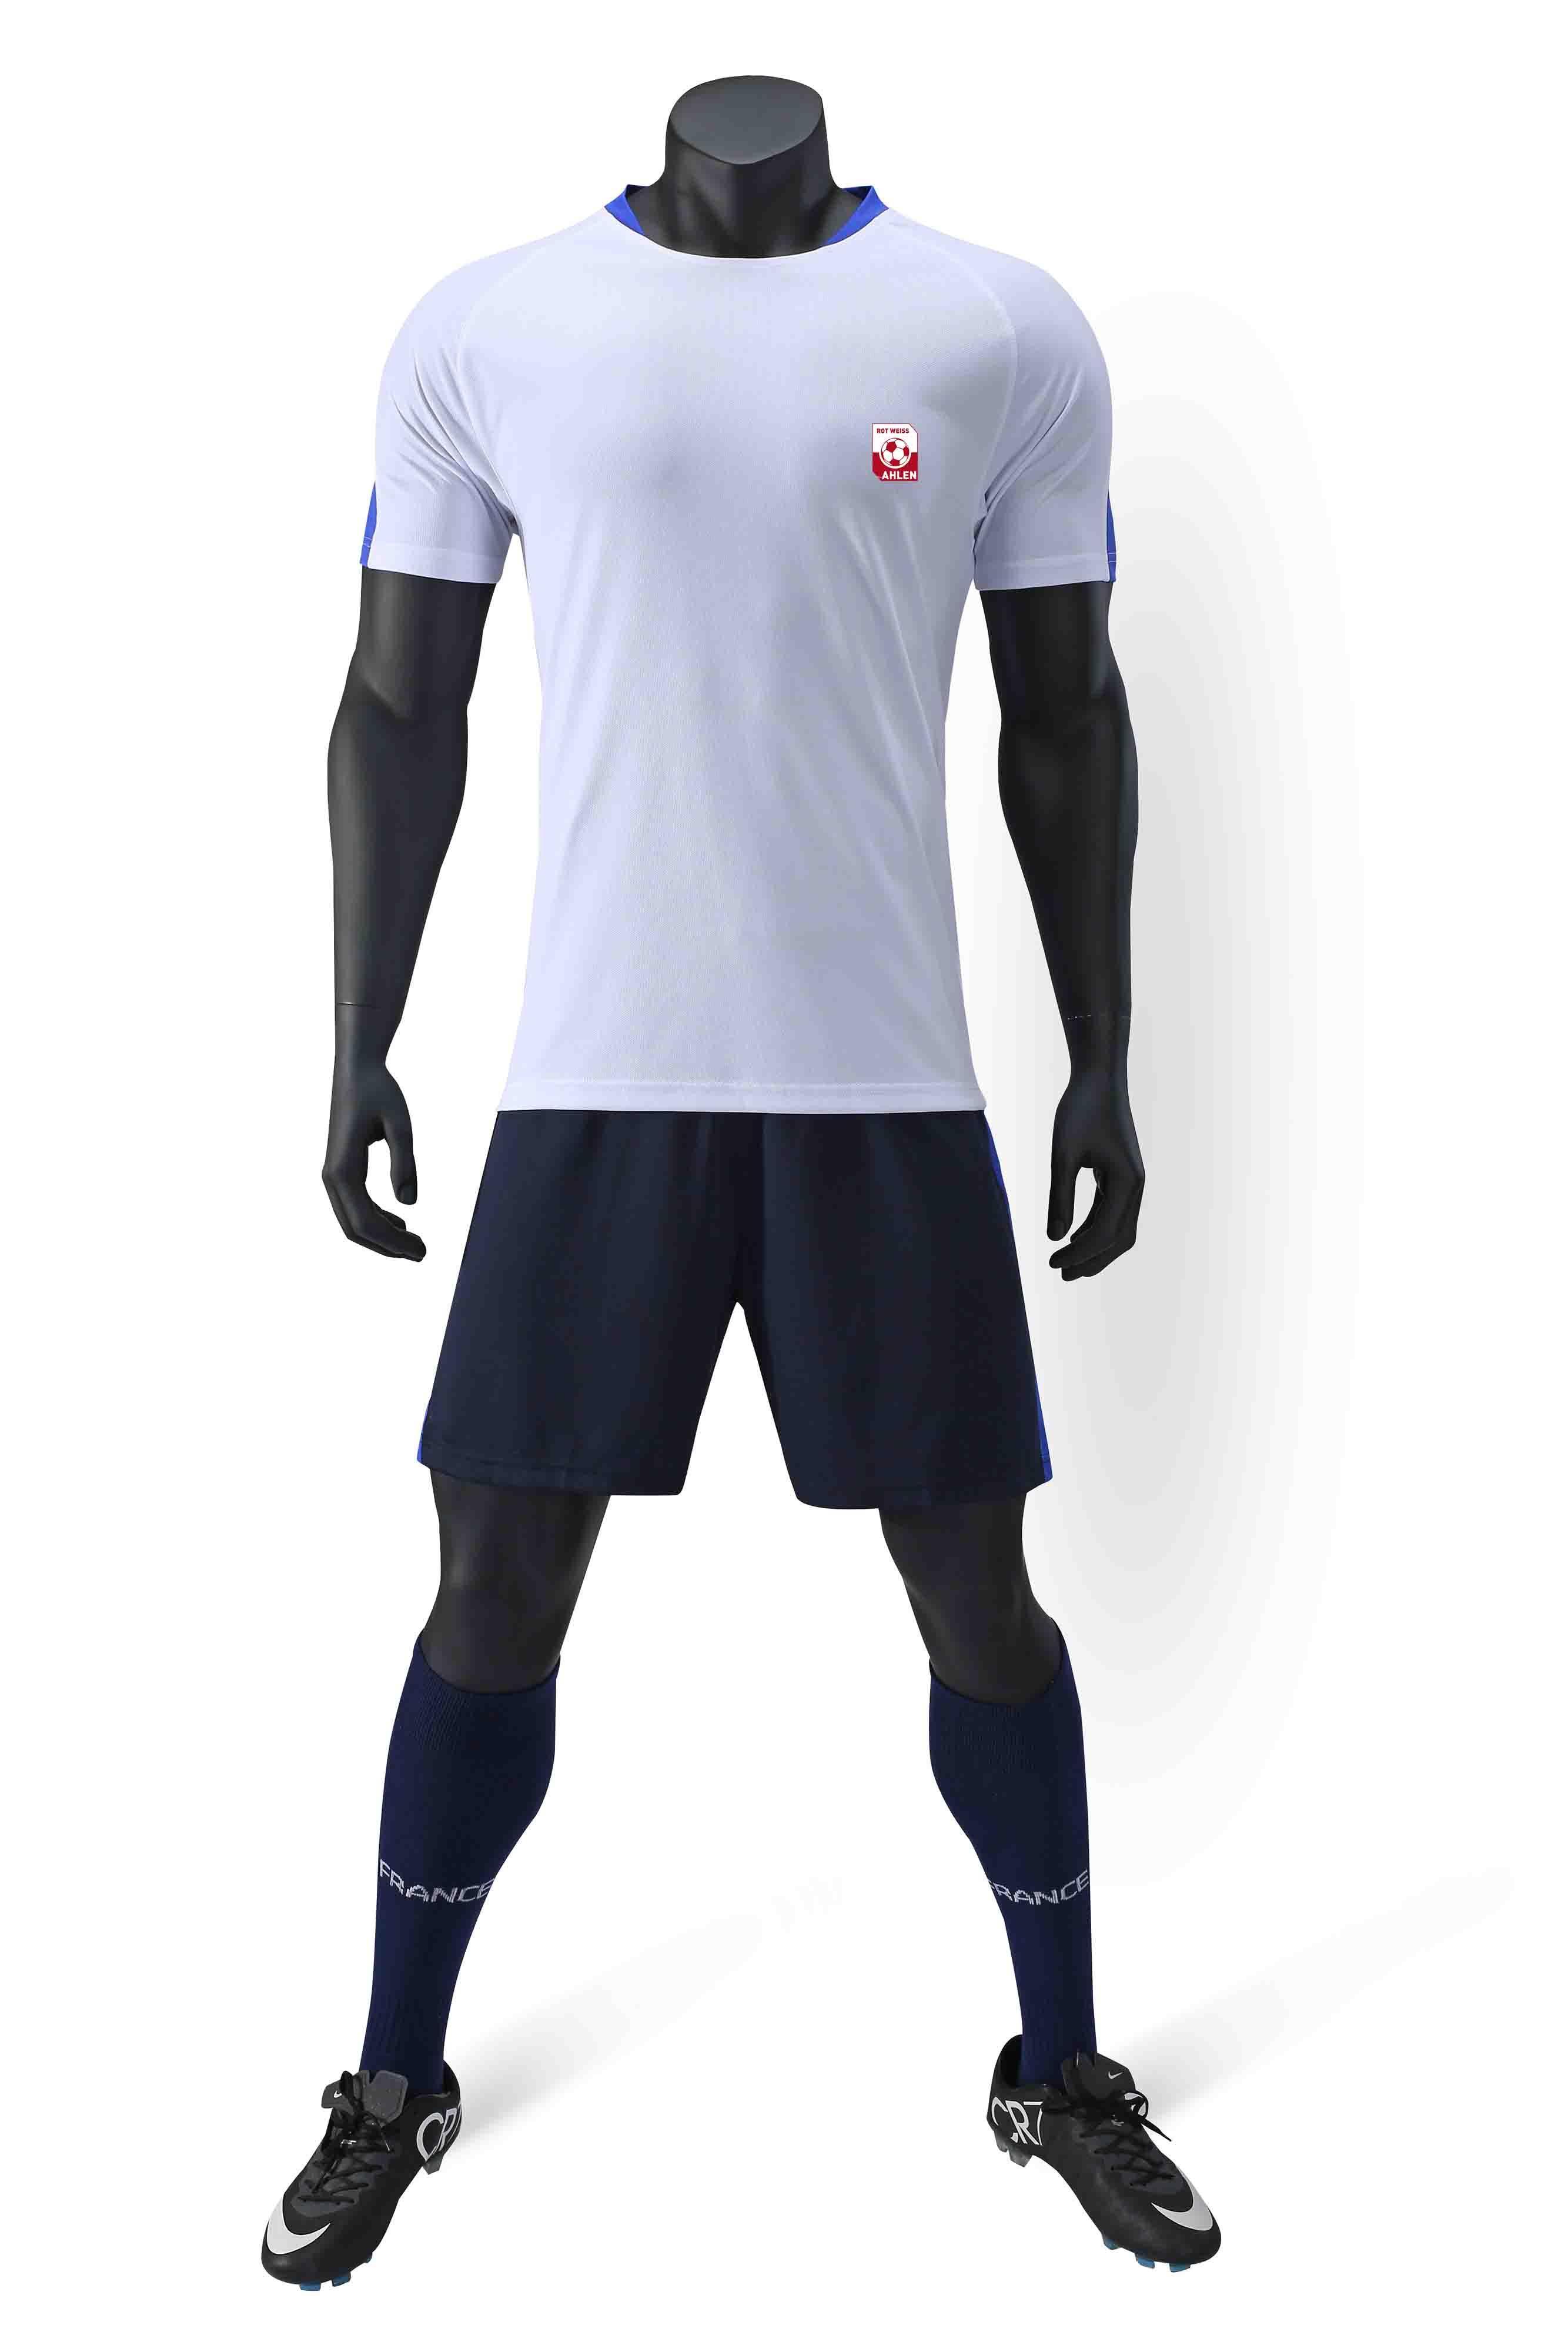 Rot-Weiß Ahlen e.V 100% полиэстер спорта новый шаблон случайные футболки футбол костюм обучение модные мужские футбольные костюмы